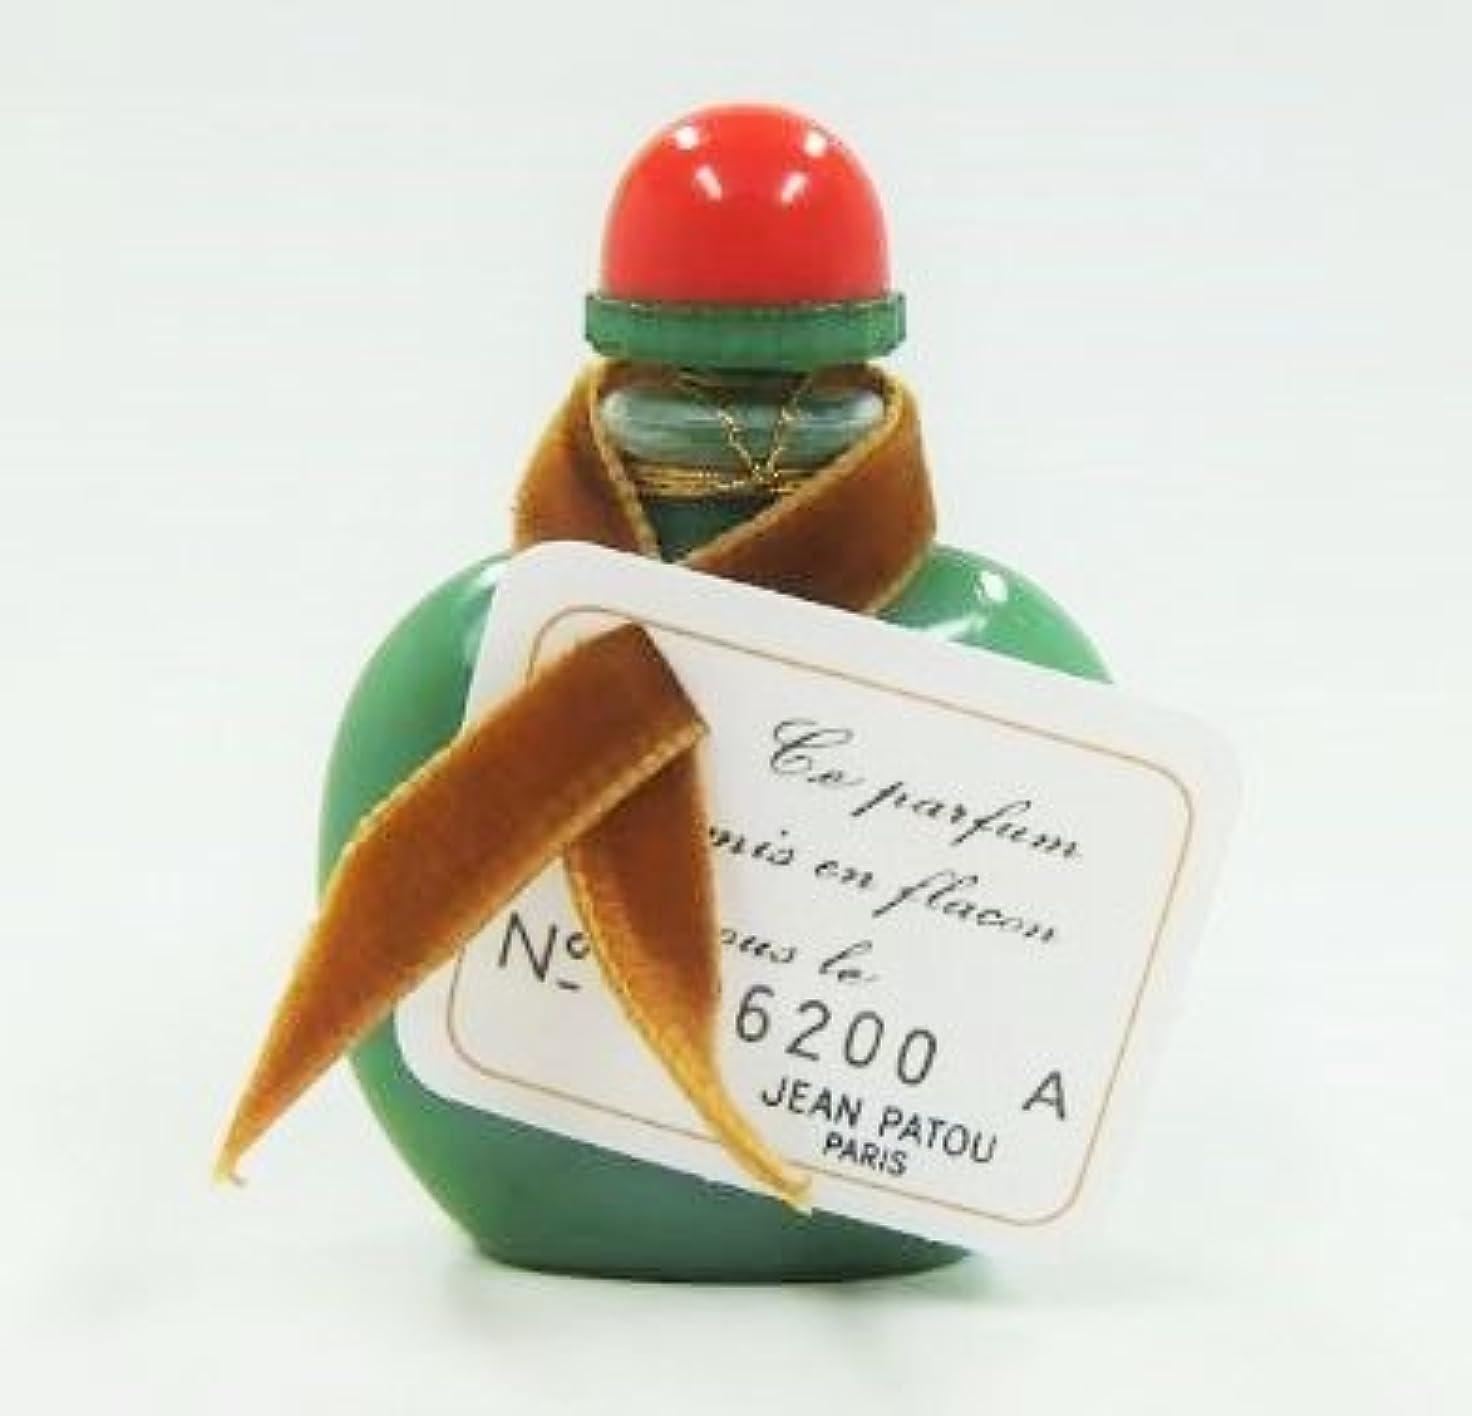 ささやき舌なスポーツ【箱無し】 JEAN PATOU ジャンパトゥ ミル 1000 パルファム 7ml (並行輸入) Parfum